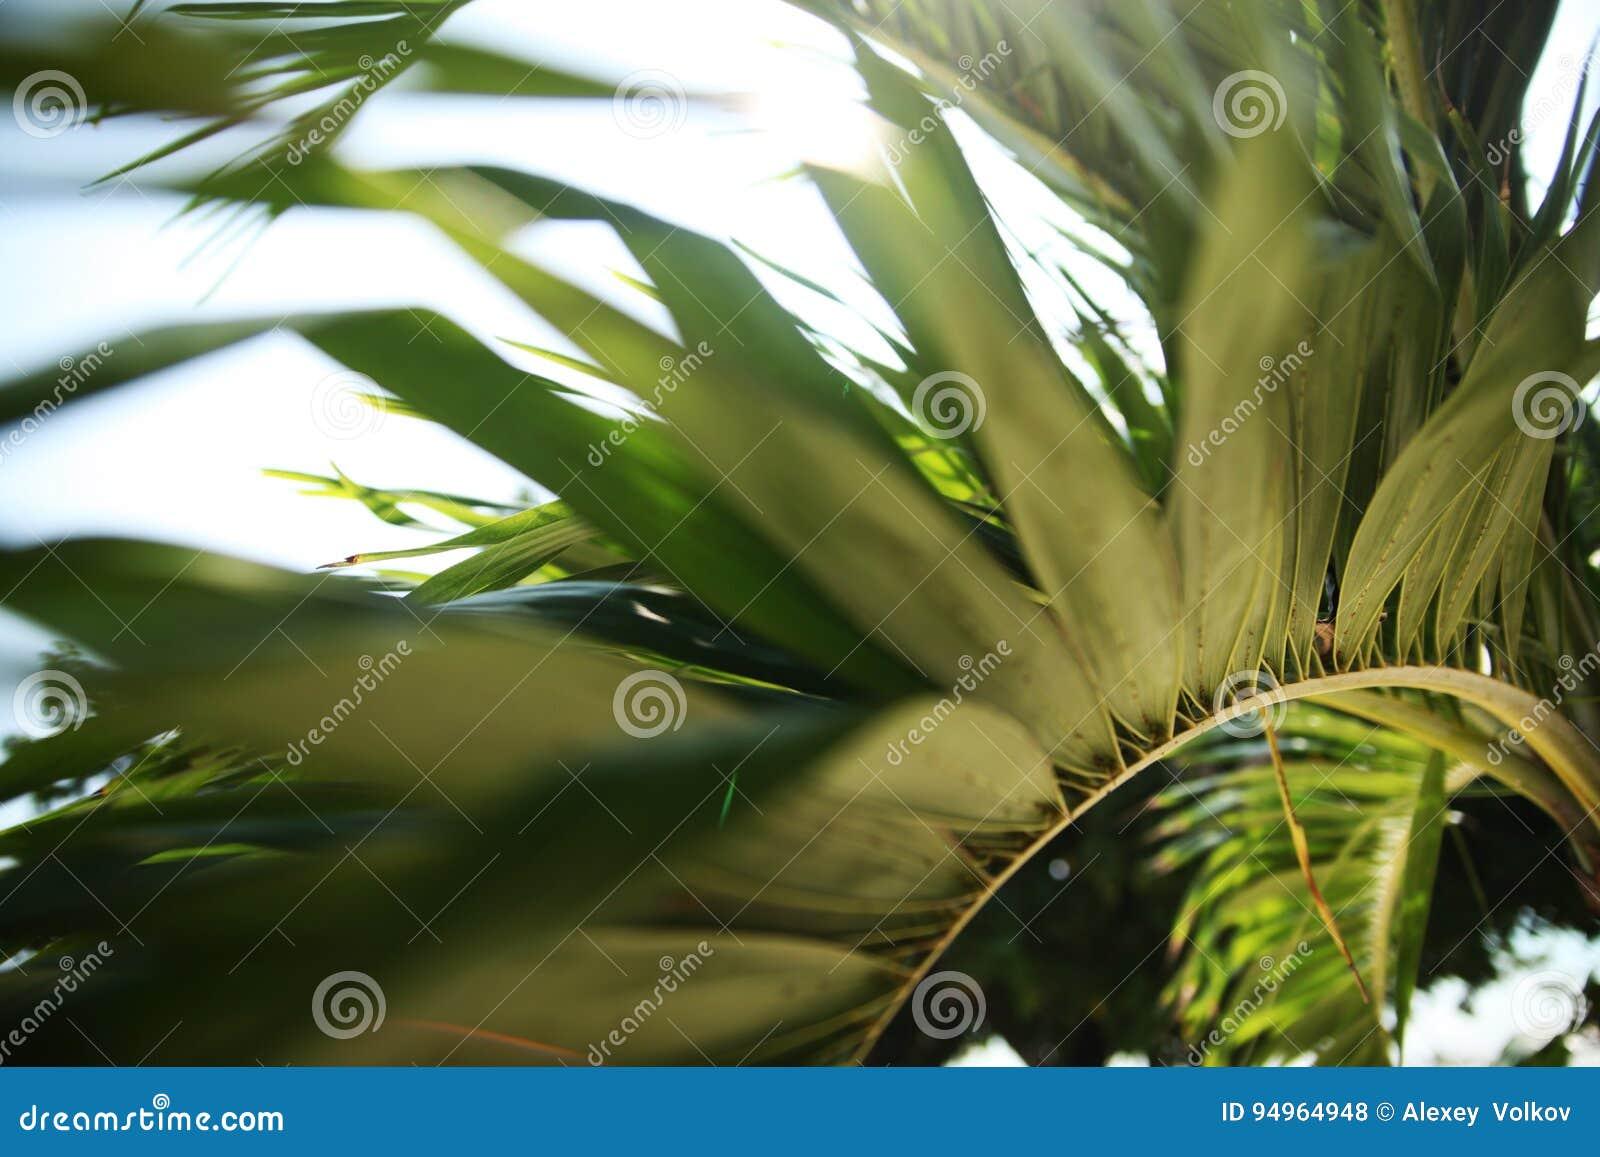 Beautiful palm branch